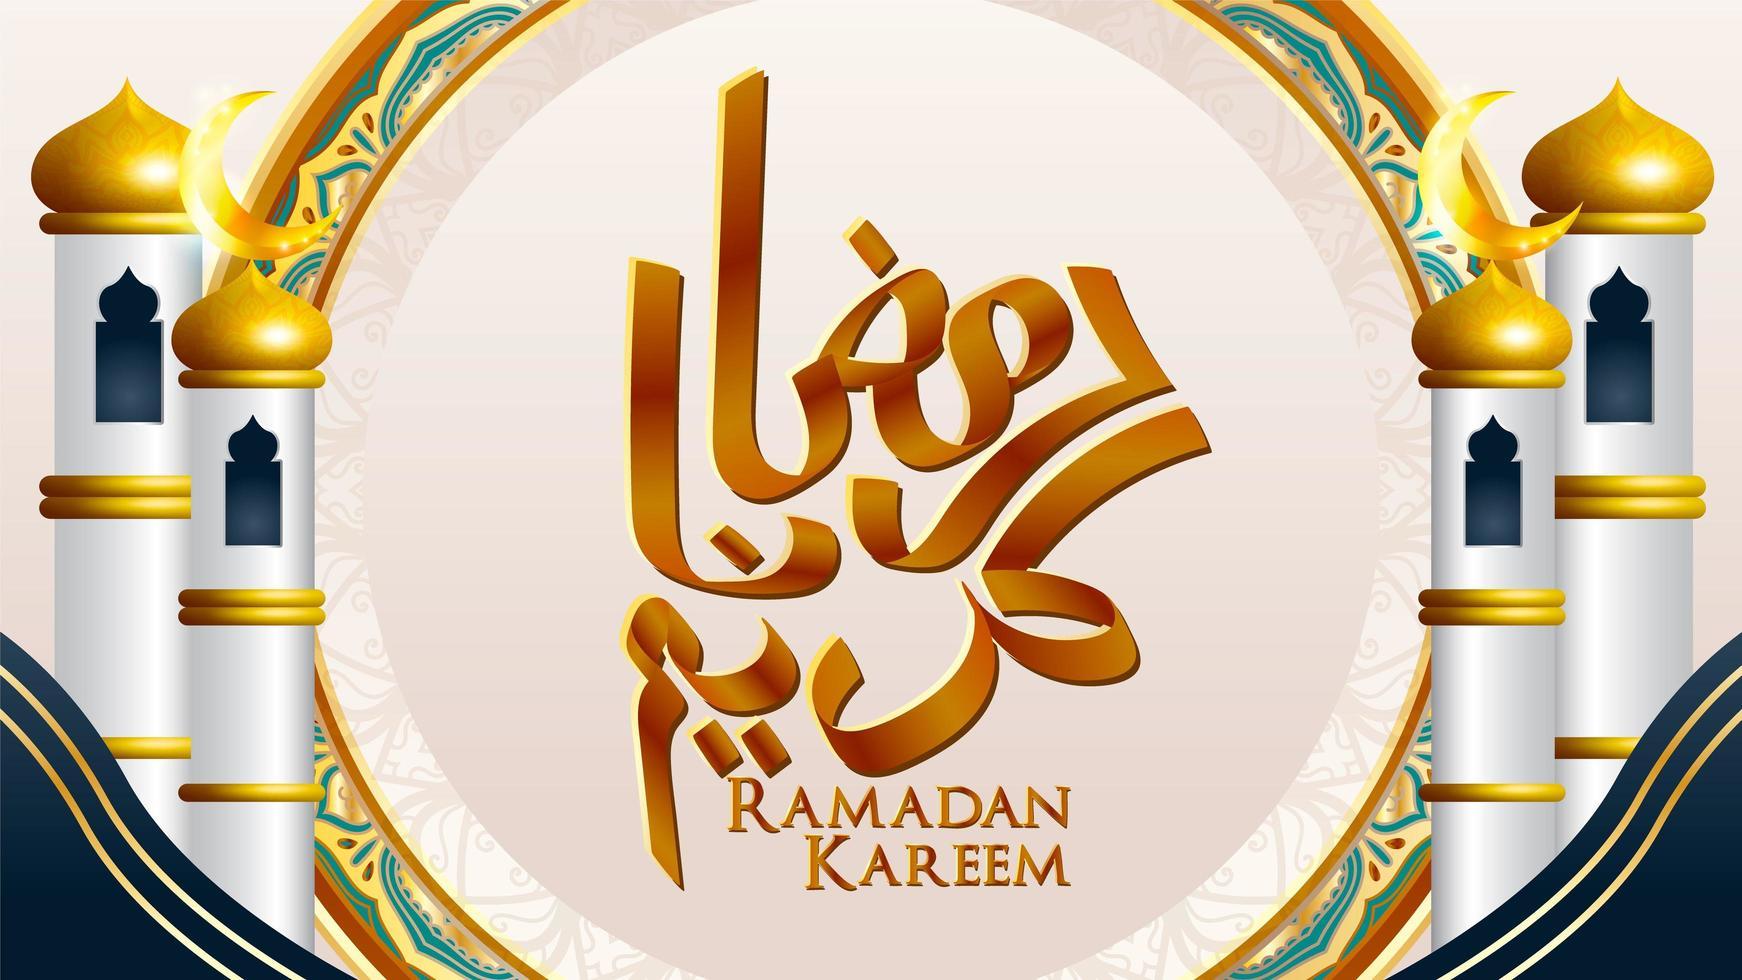 ramadan kareem ontwerp met minaretten aan beide zijden vector